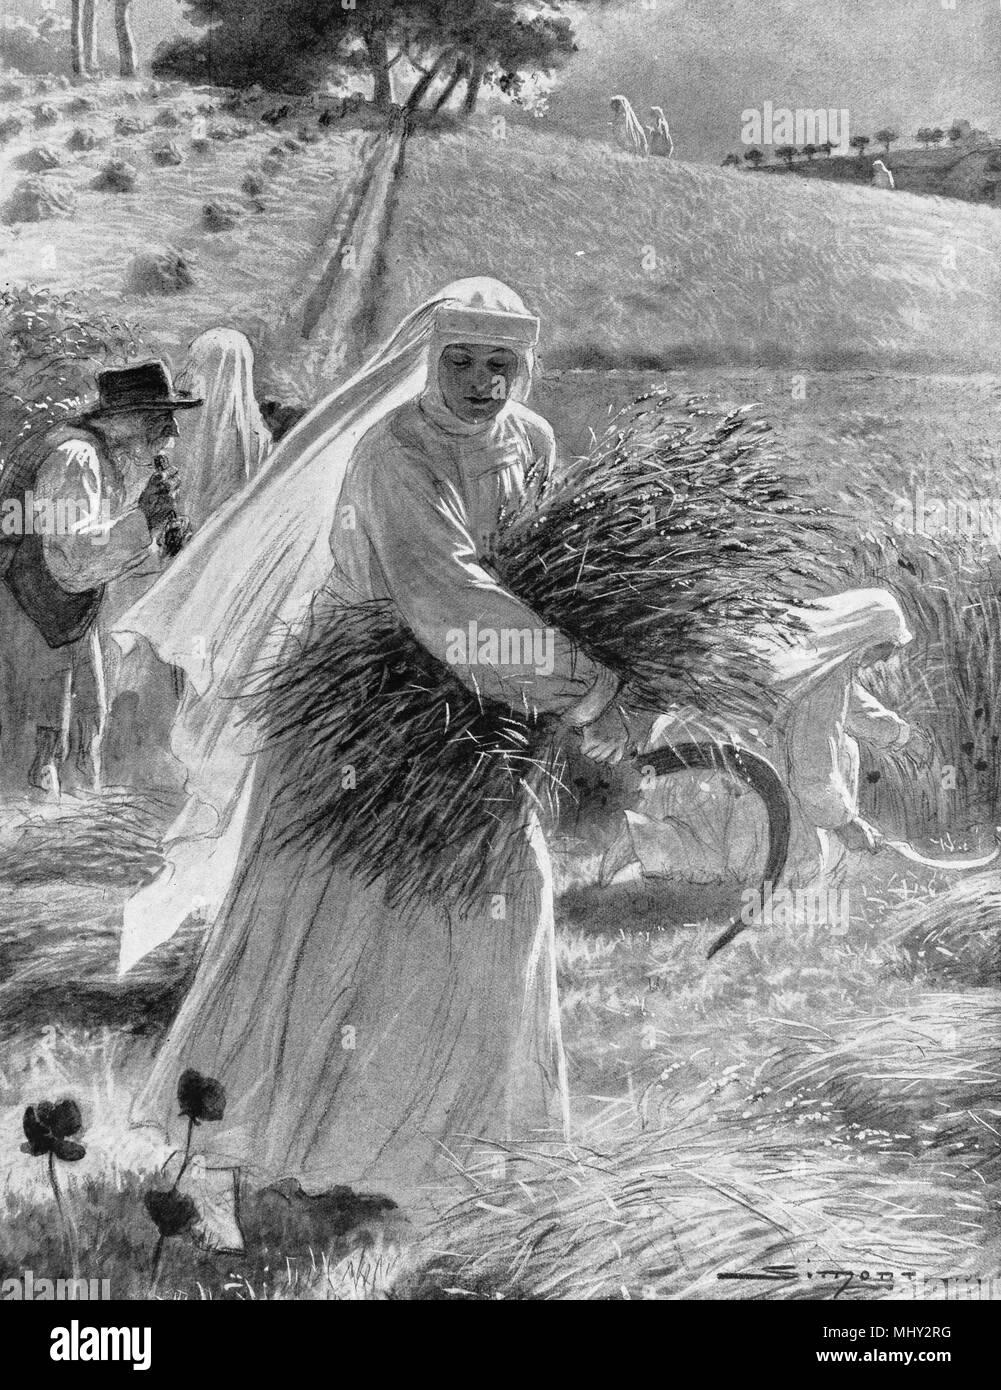 Franziskanerinnen der Ernte von Mais, Britany, Erster Weltkrieg, Frankreich Stockbild